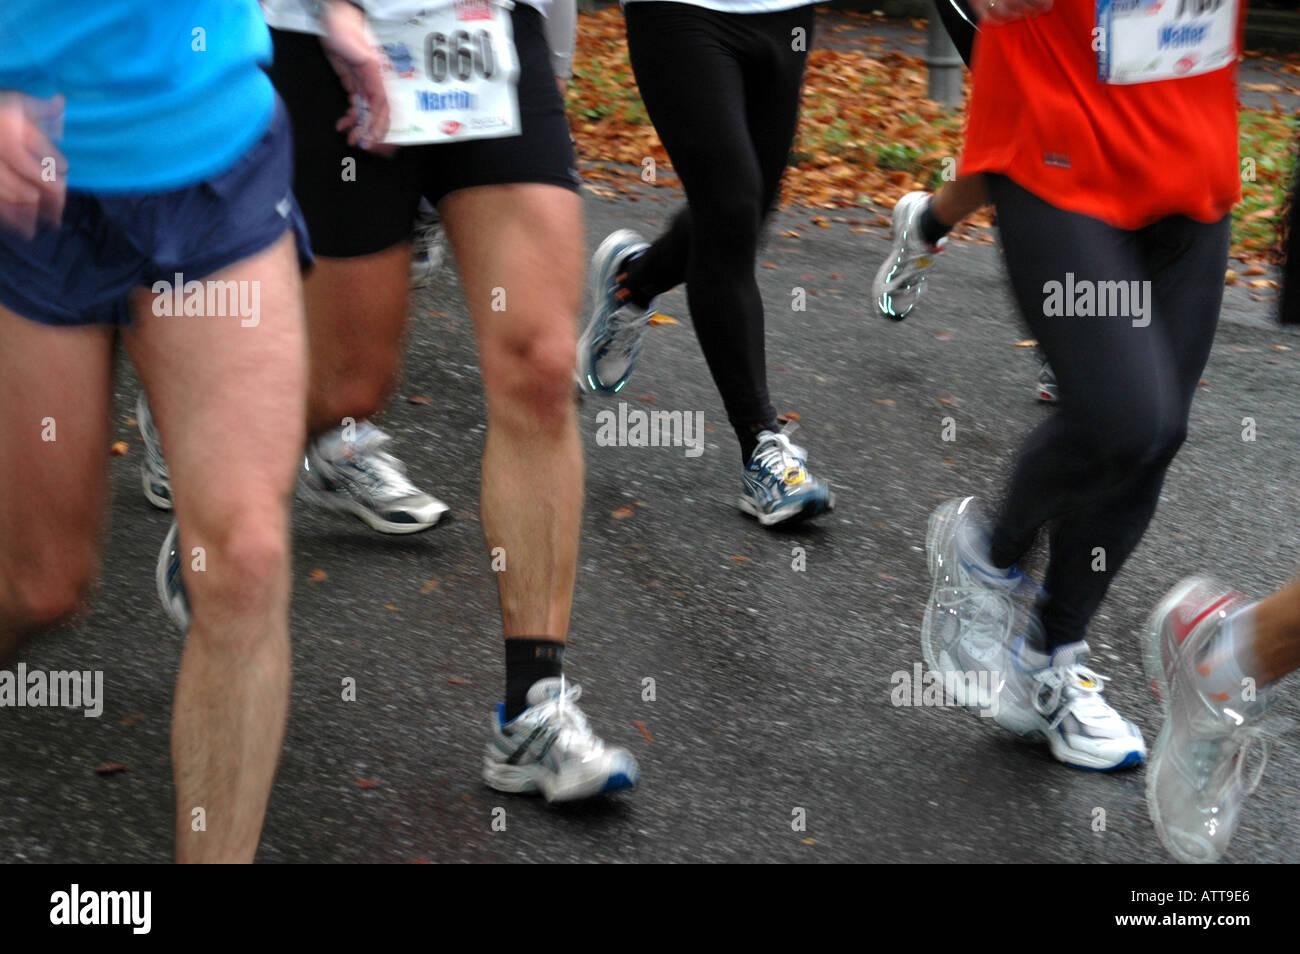 Beine von Läufern legs of runners Bildagentur online Begsteiger - Stock Image